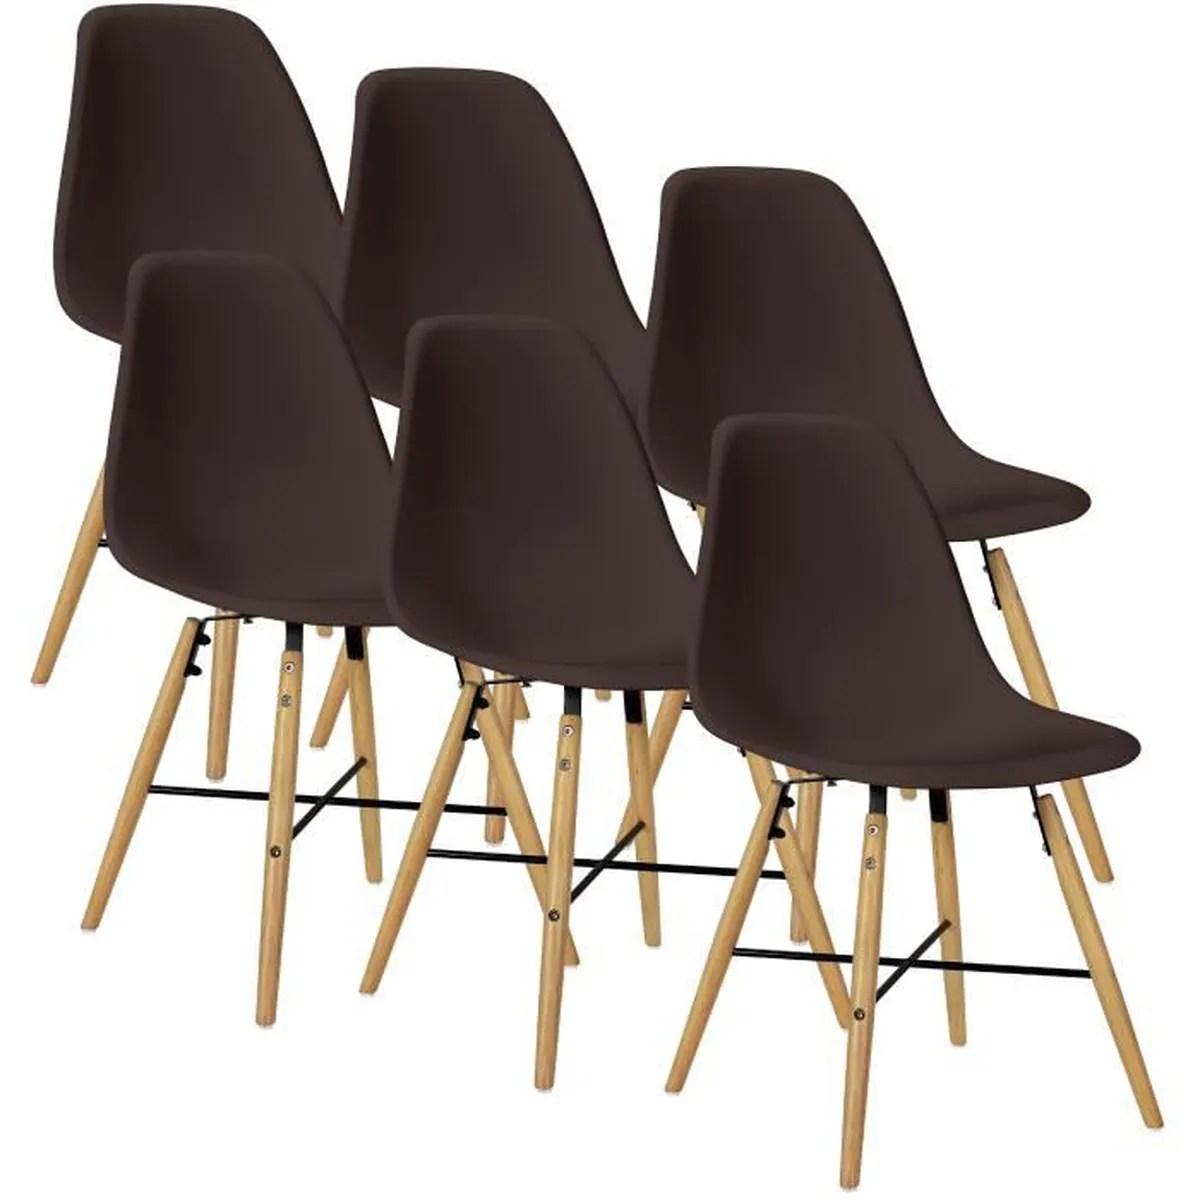 Chaise Design Plastique Salle A Manger | Chaise Moderne Sofy Noire ...